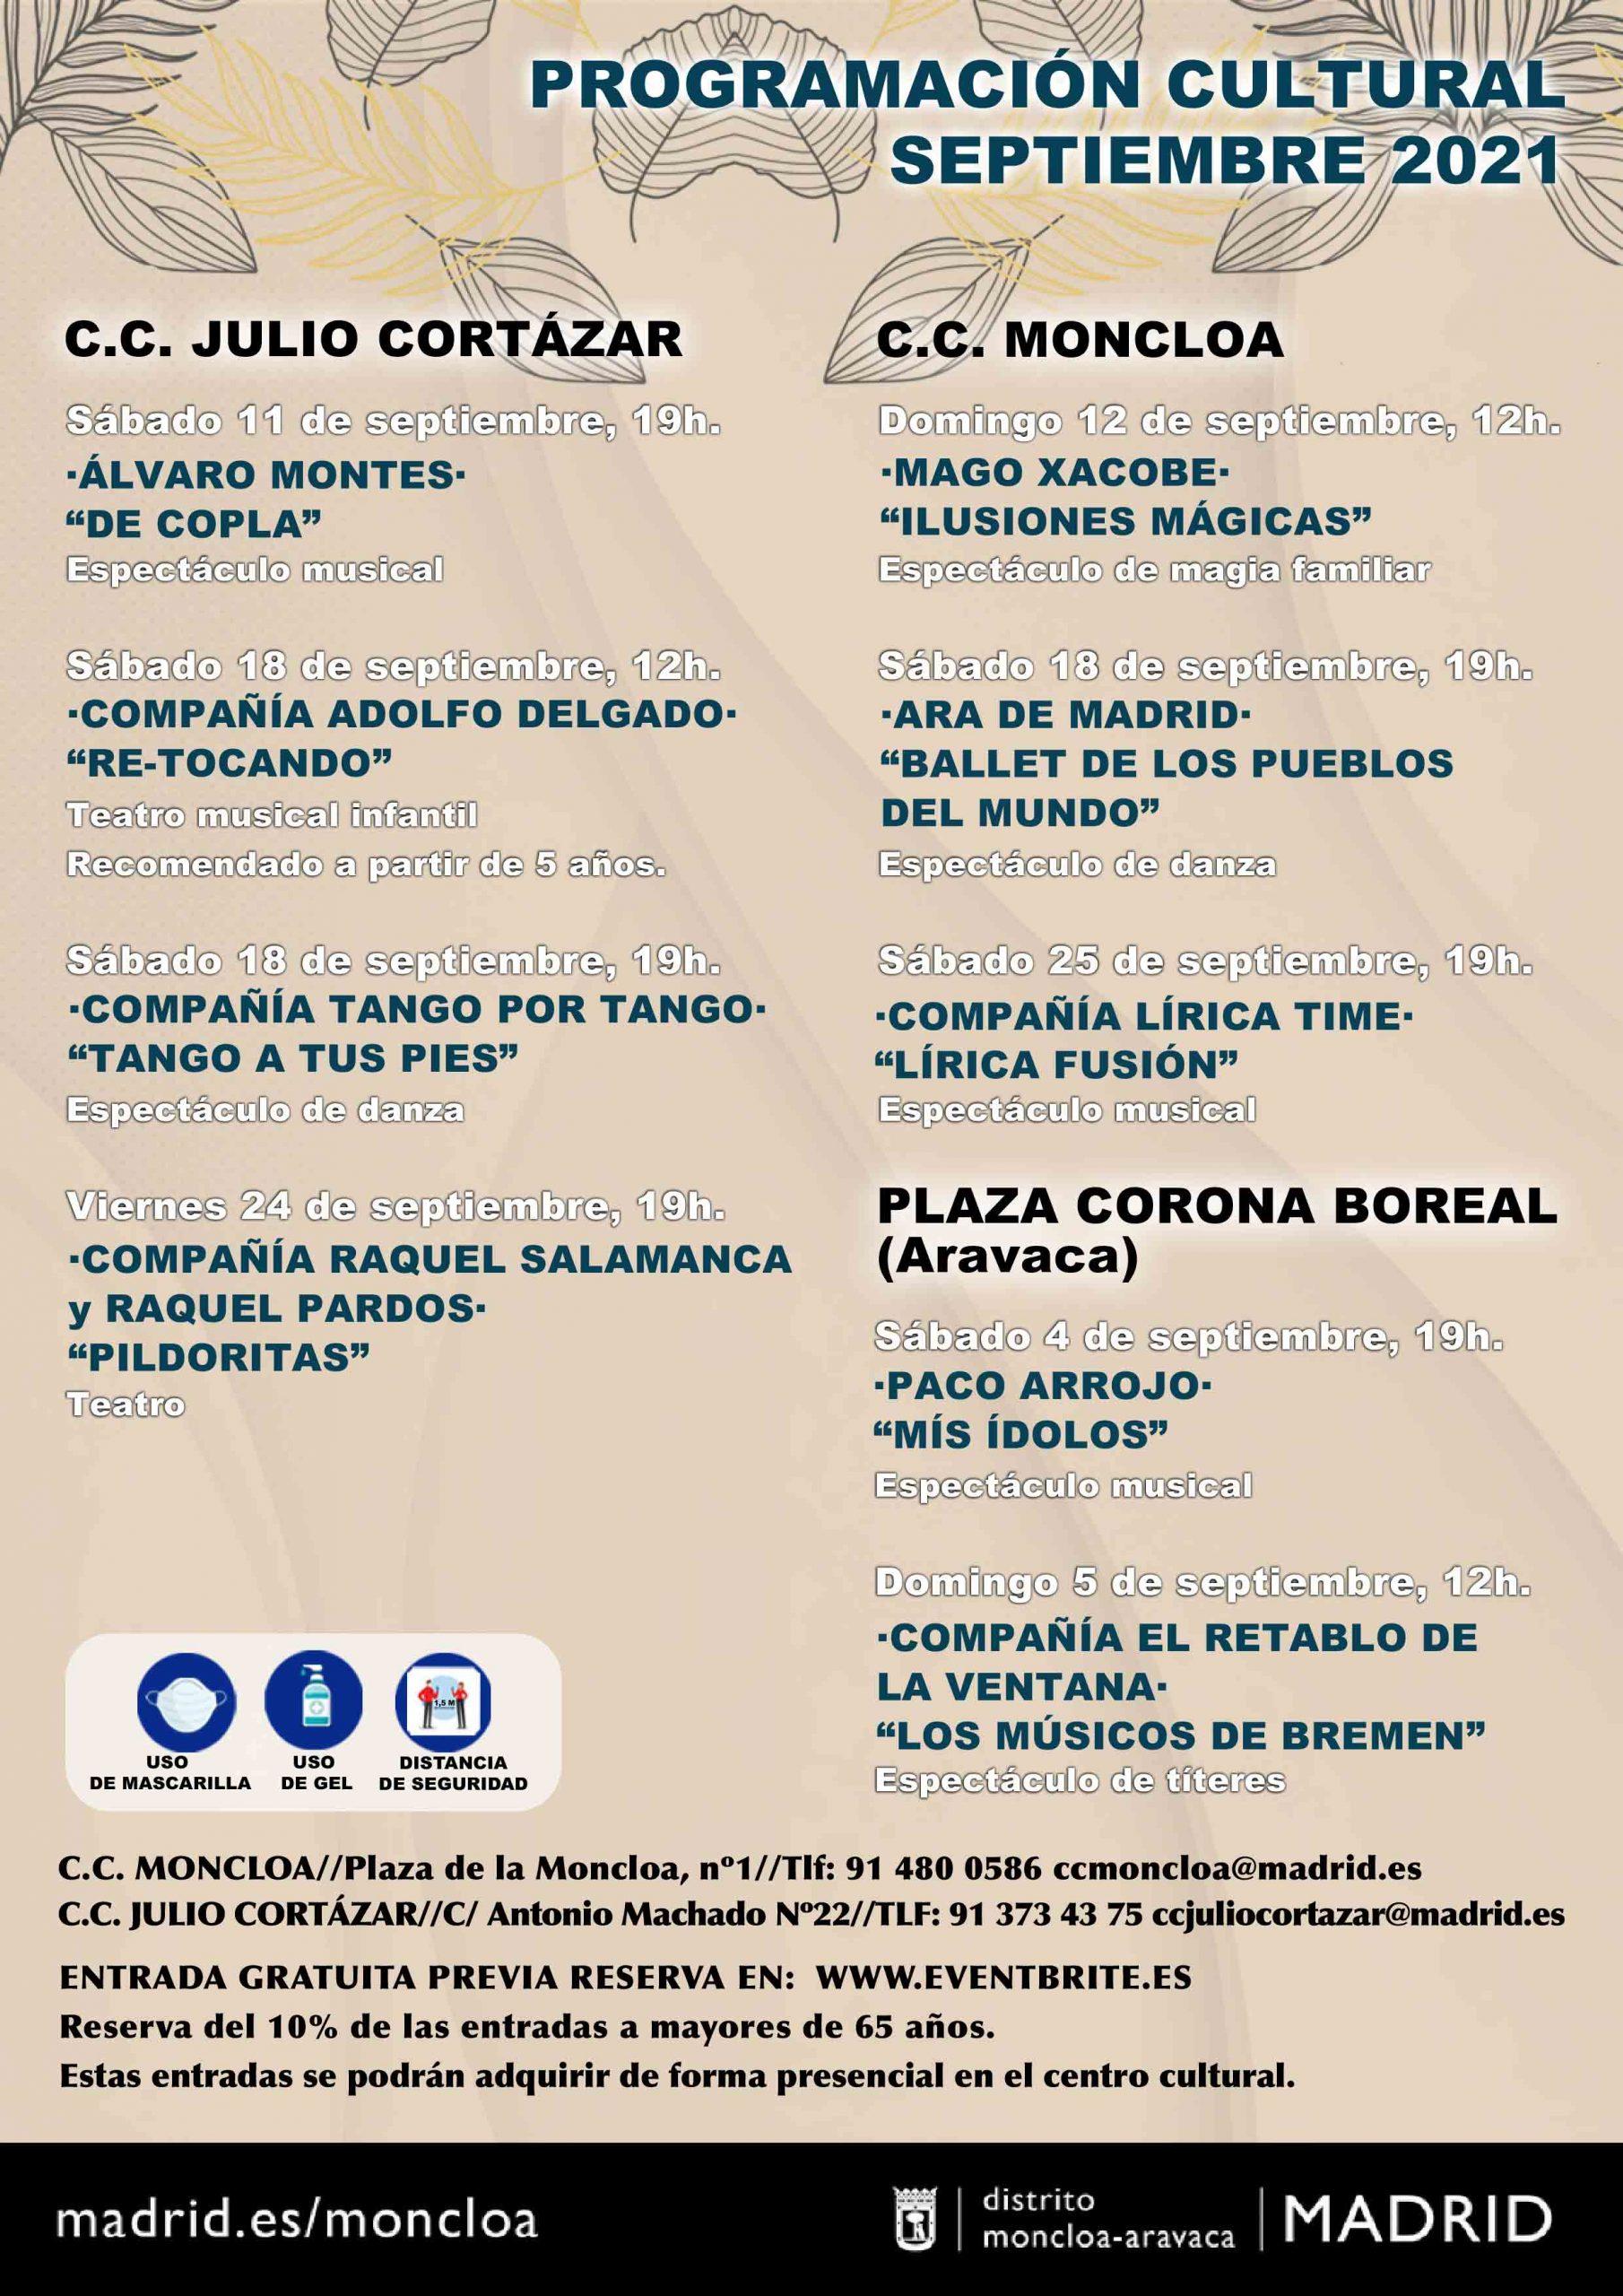 LA PROGAMACIÓN CULTURAL DE MONCLOA-ARAVACA, CON ENTRADAS GRATUITAS